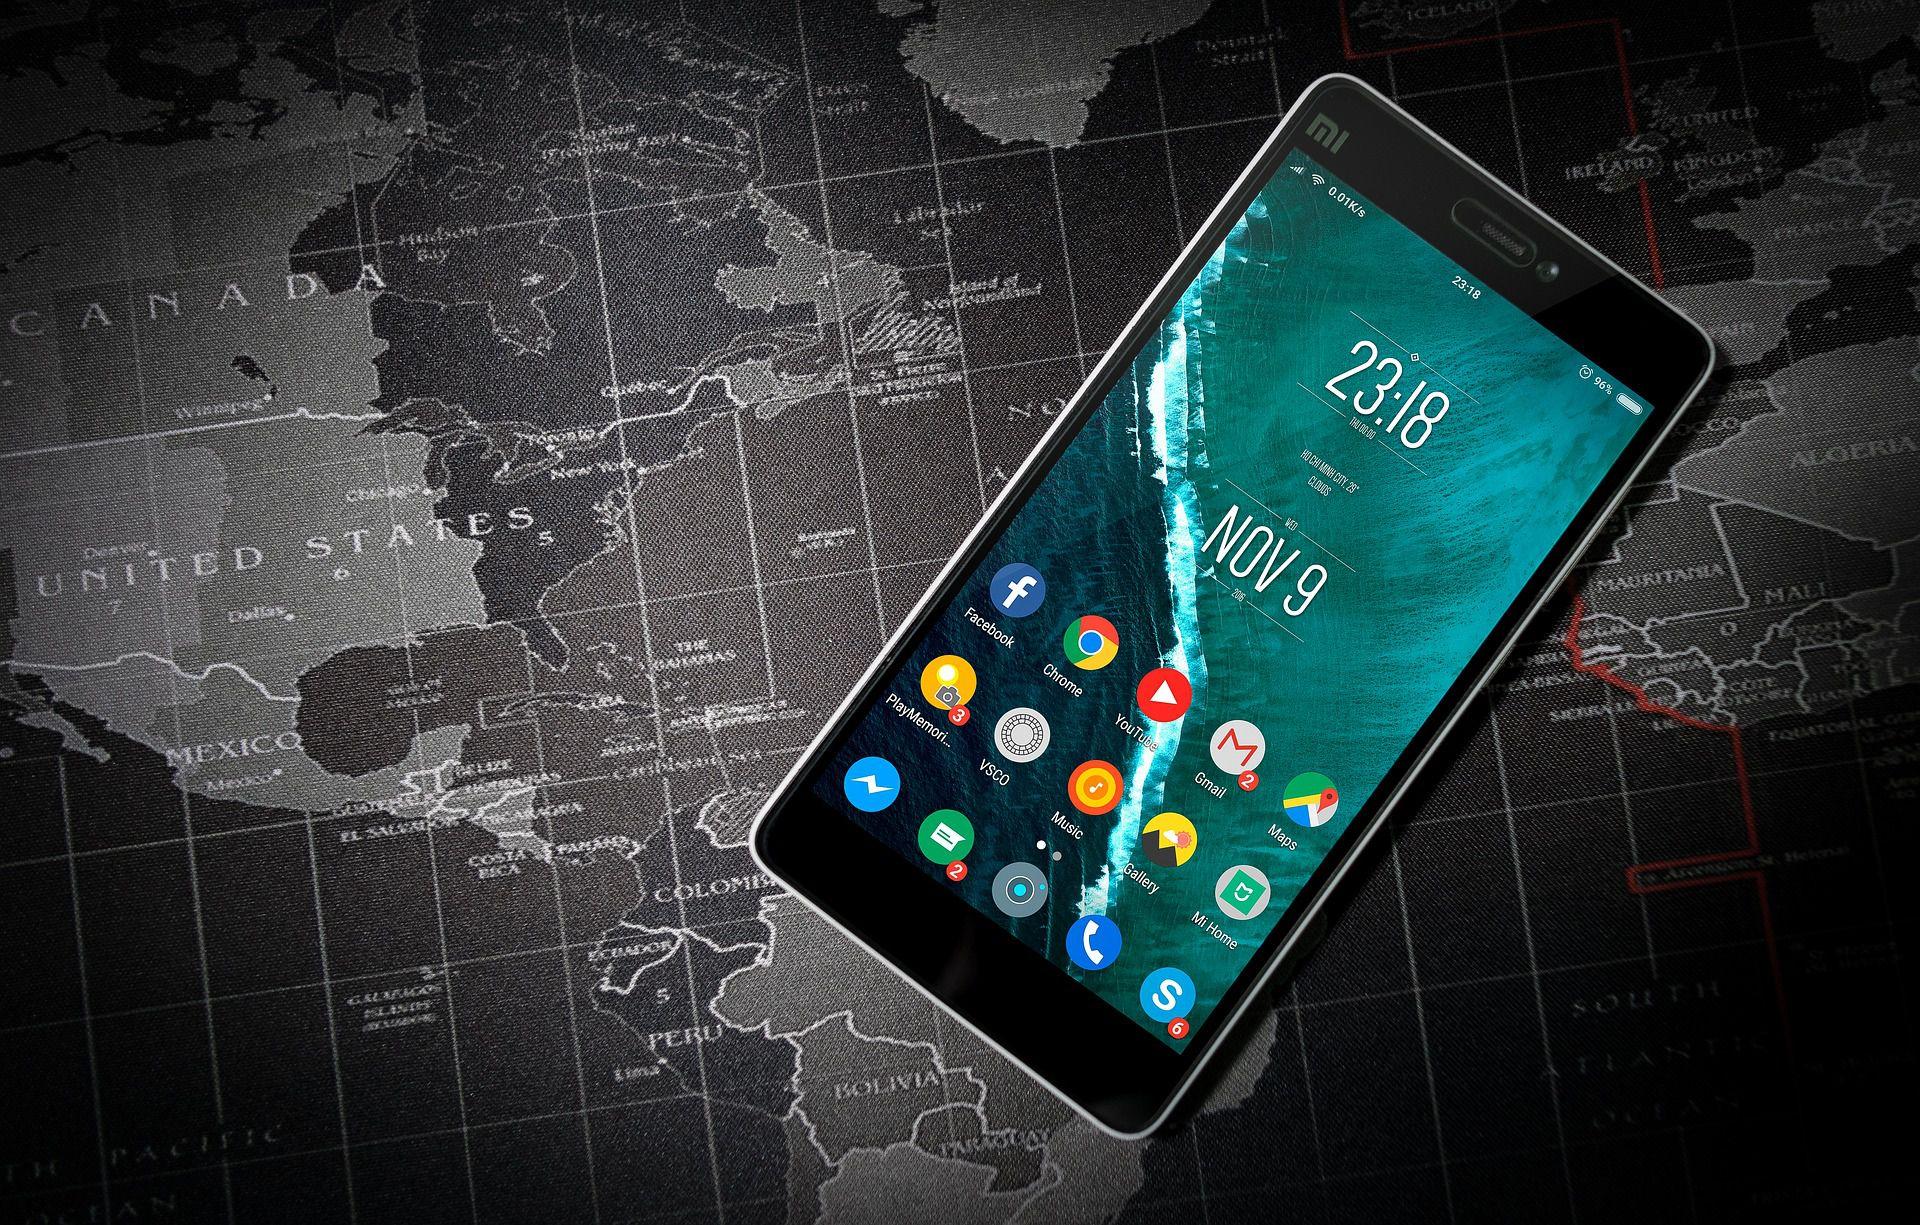 La compañía de Mountain View otorgó el galardón para reconocer el esfuerzo de los desarrolladores por otorgar experiencias más satisfactorias en las plataformas móviles. (Foto: Pixabay)